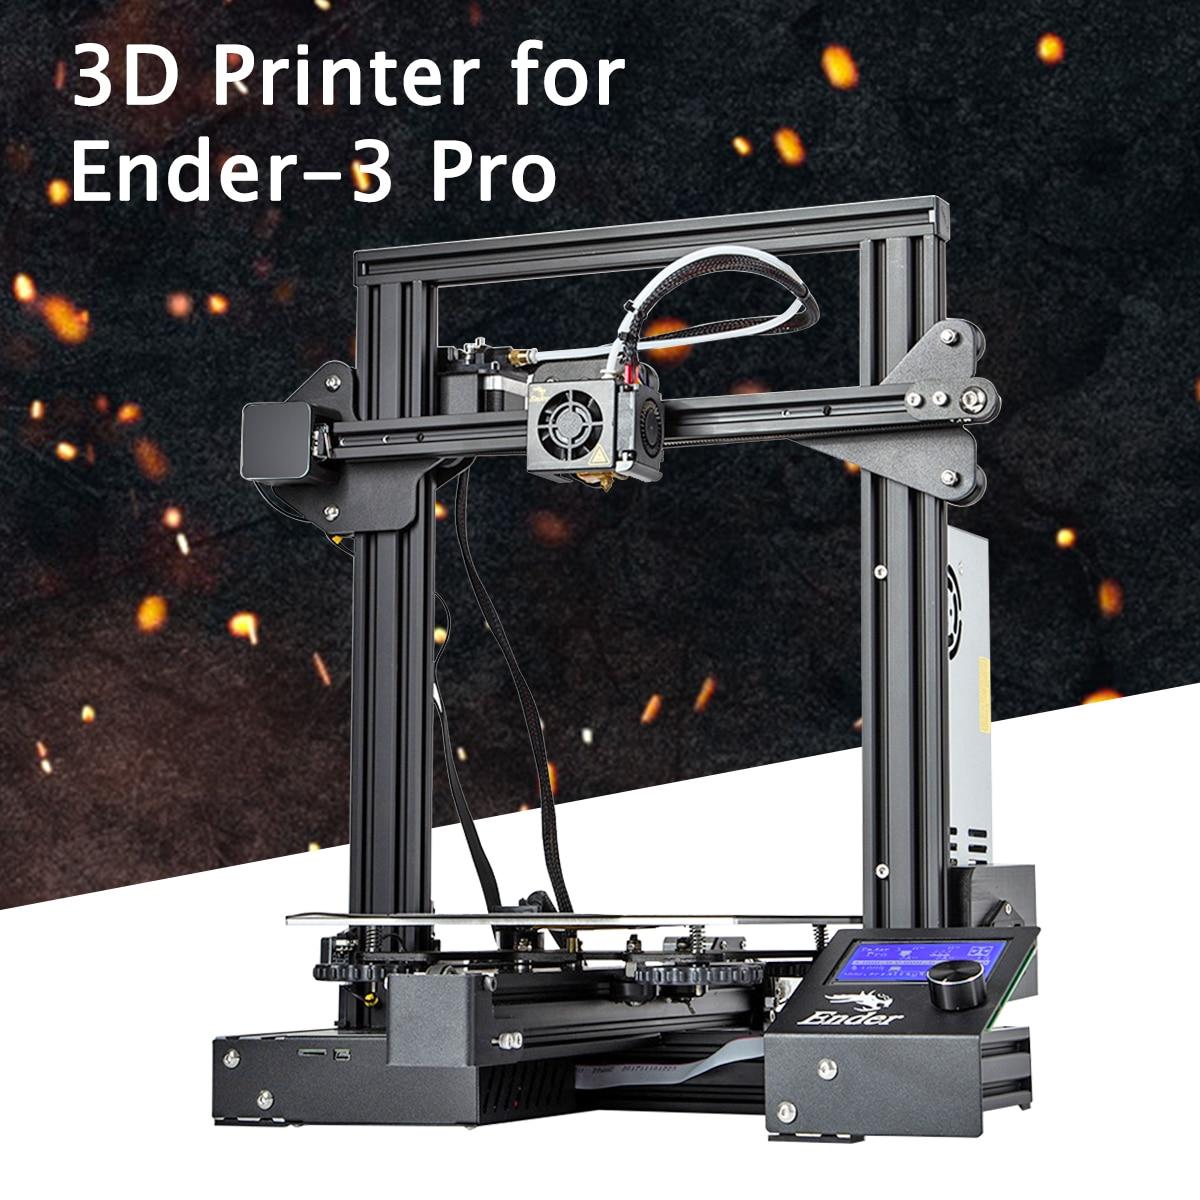 Ender-3 Pro V-slot Pru sa I3 DIY 3D Printer Kit 220x220x250mm Printing Size With Magnetic Platform Sticker